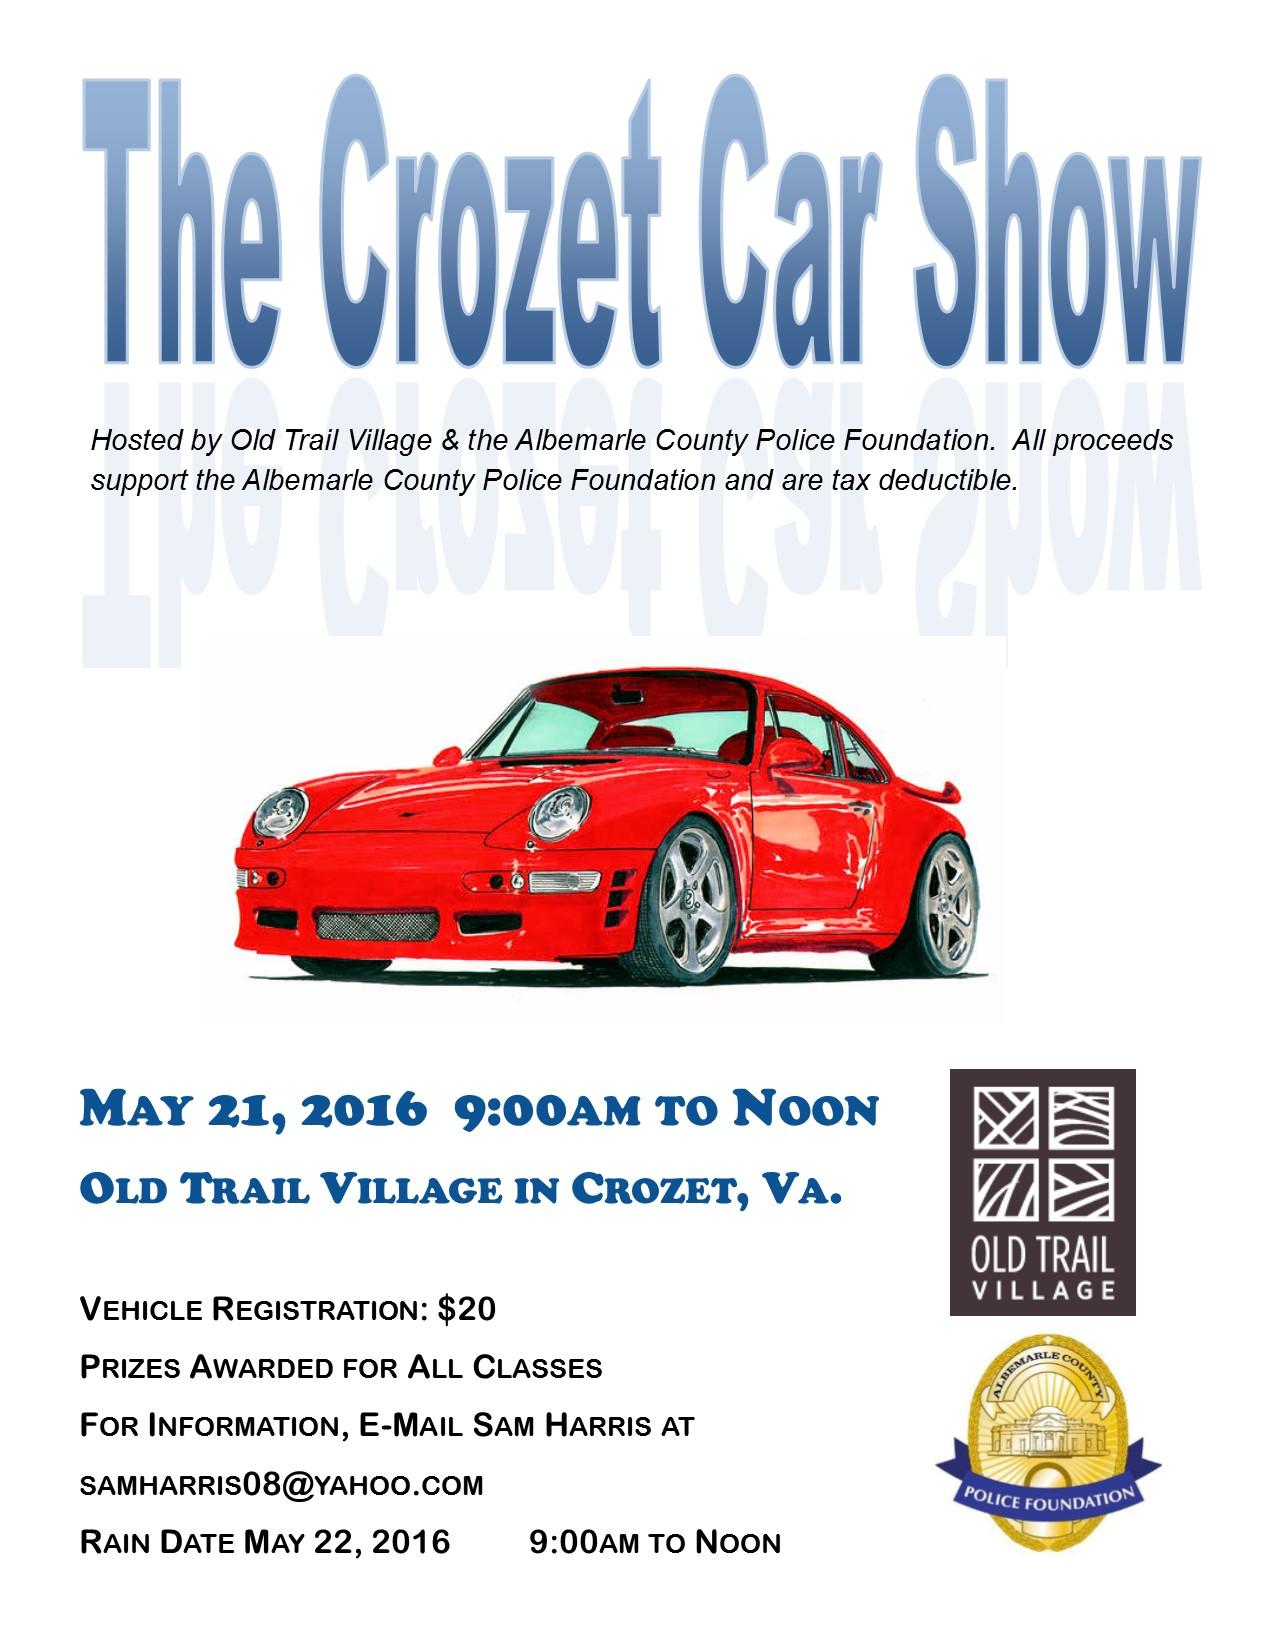 Crozet Car Show